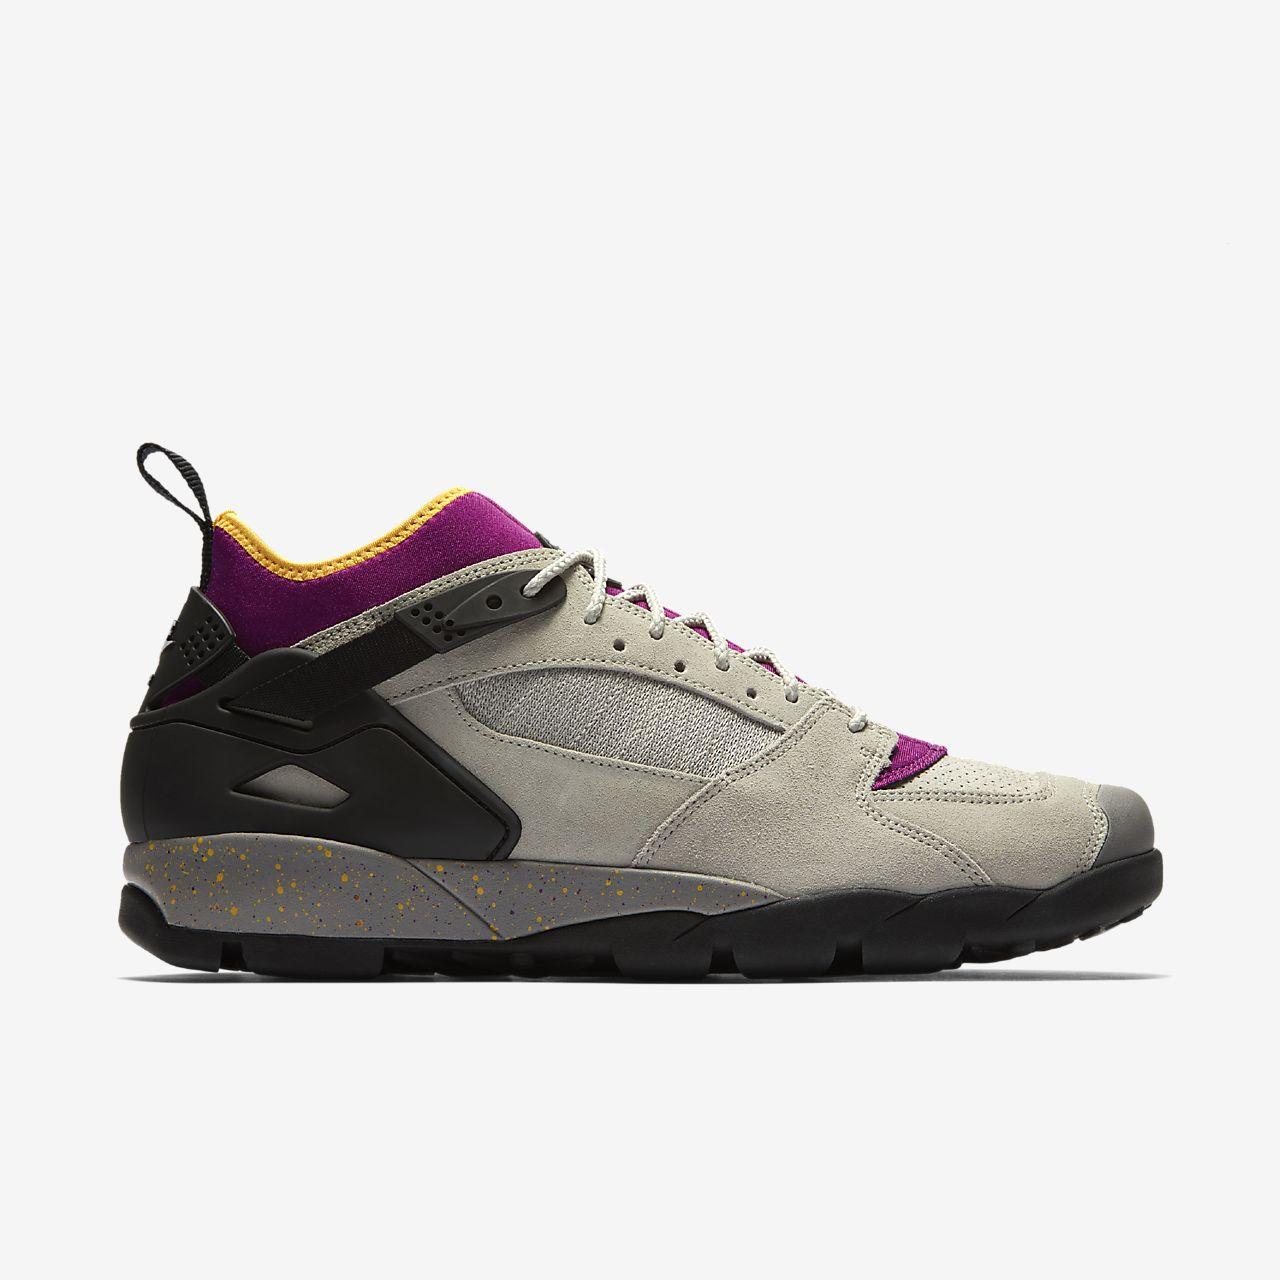 Zapatillas Revaderchi Acg Air Nike Hombre hQtCxsdr